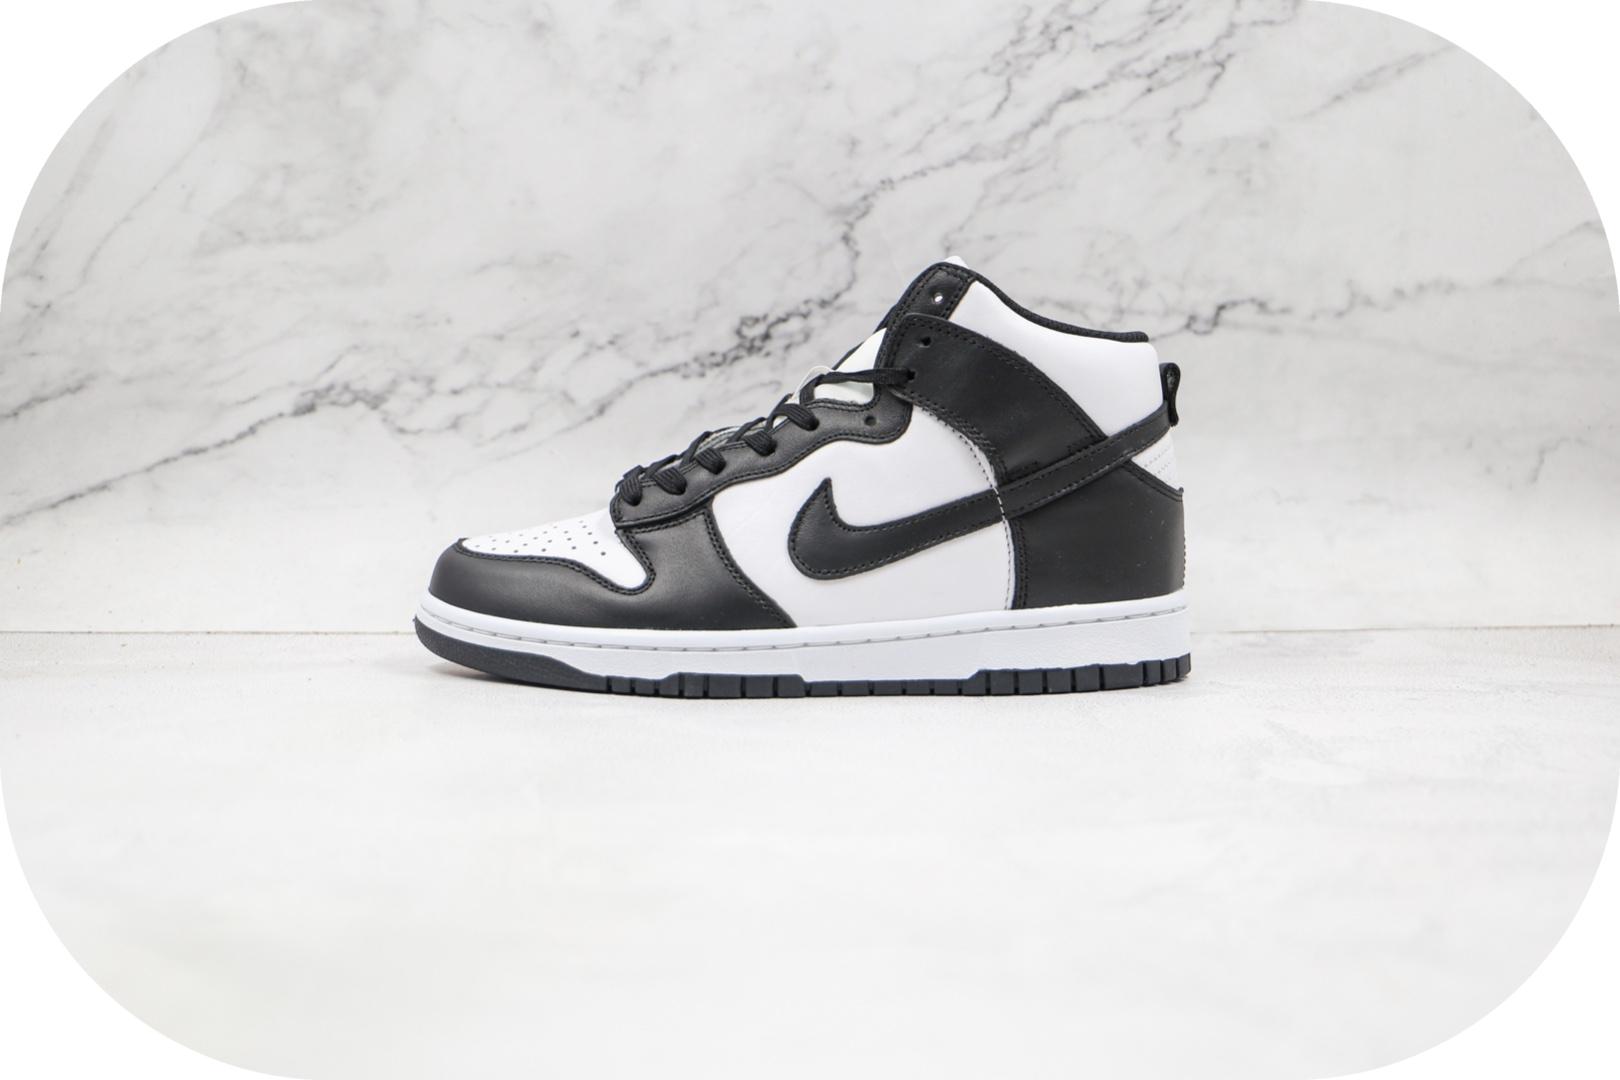 耐克Nike SB Dunk High纯原版本高帮SB DUNK黑白熊猫板鞋原档案数据开发 货号:DD1869-103